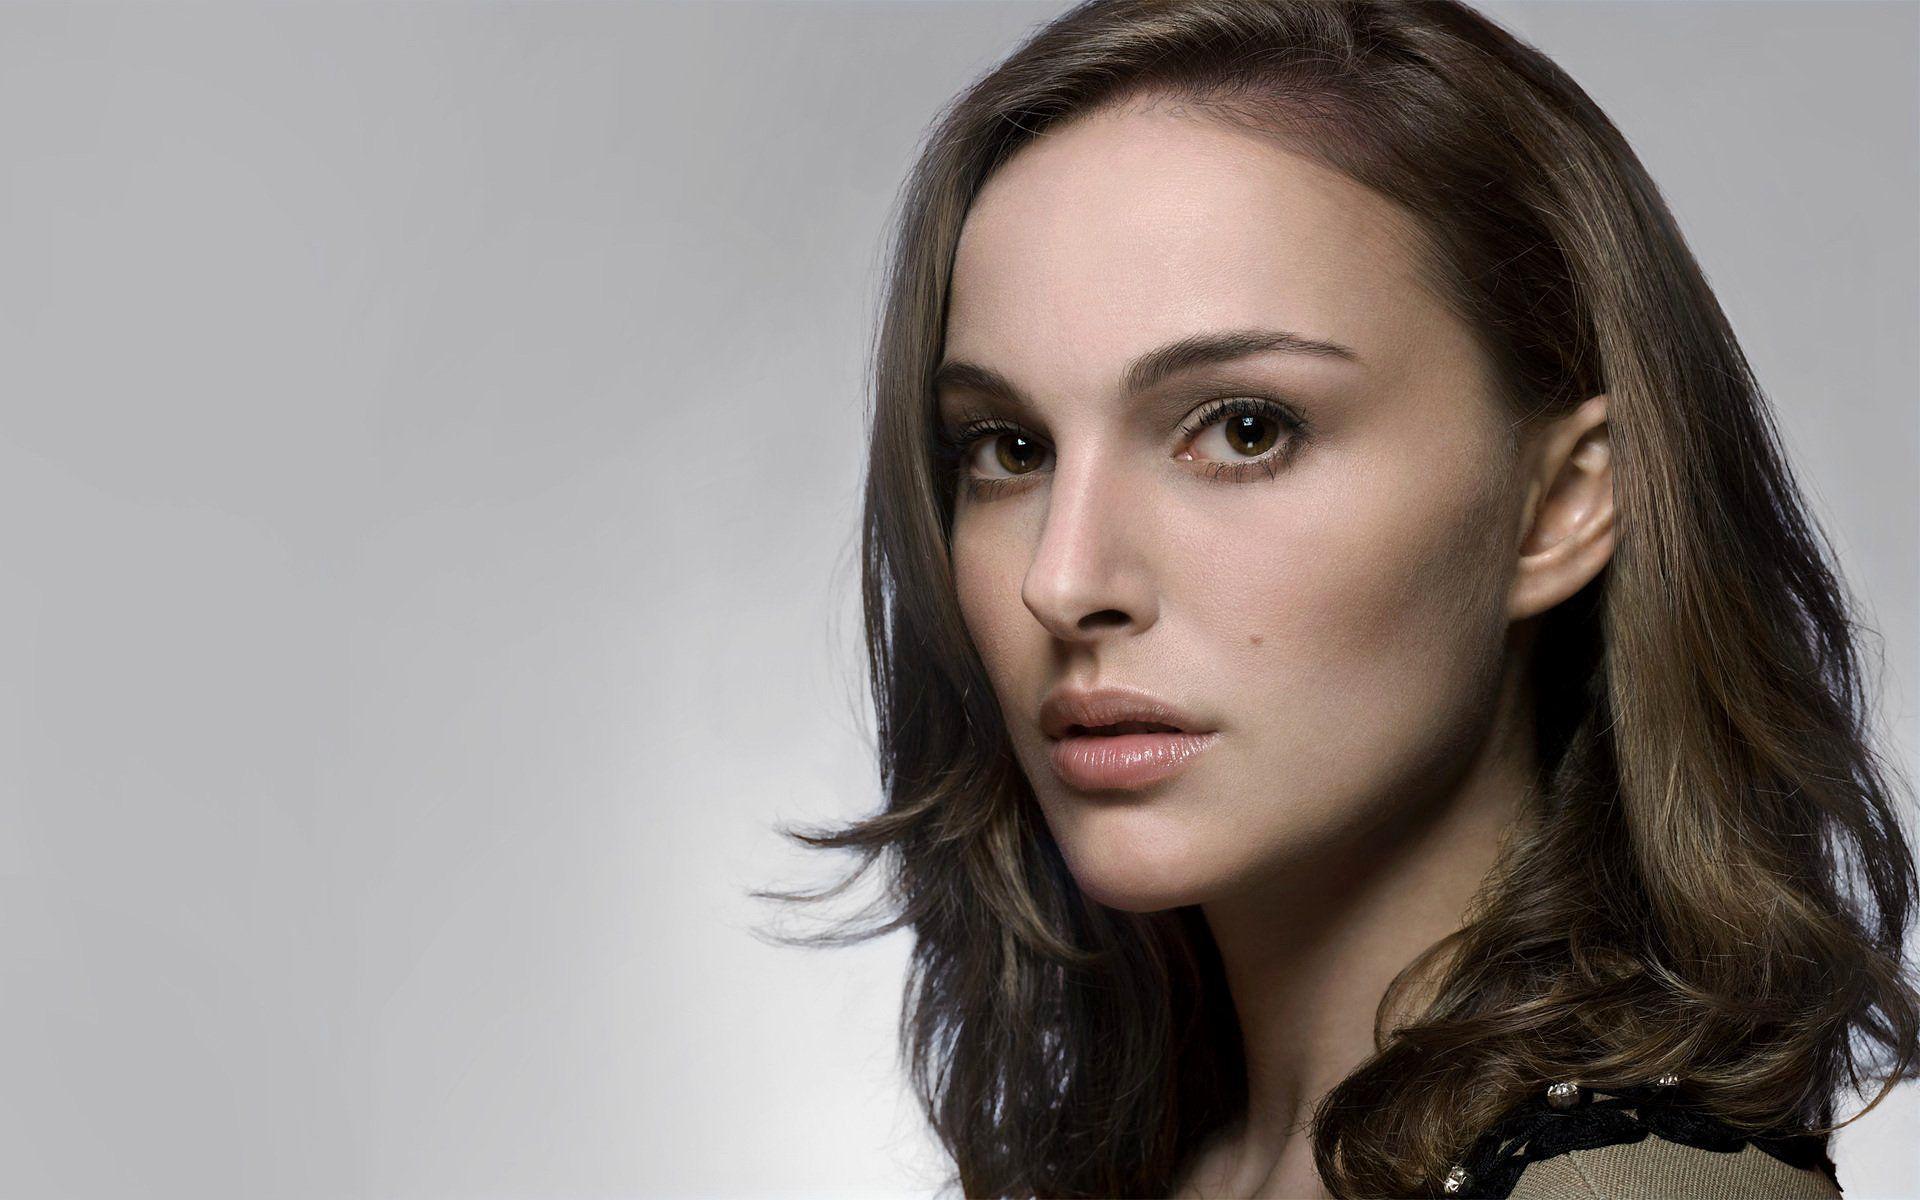 Natalie Portman Wallpaper - Celebrities Wallpapers (9463) ilikewalls.